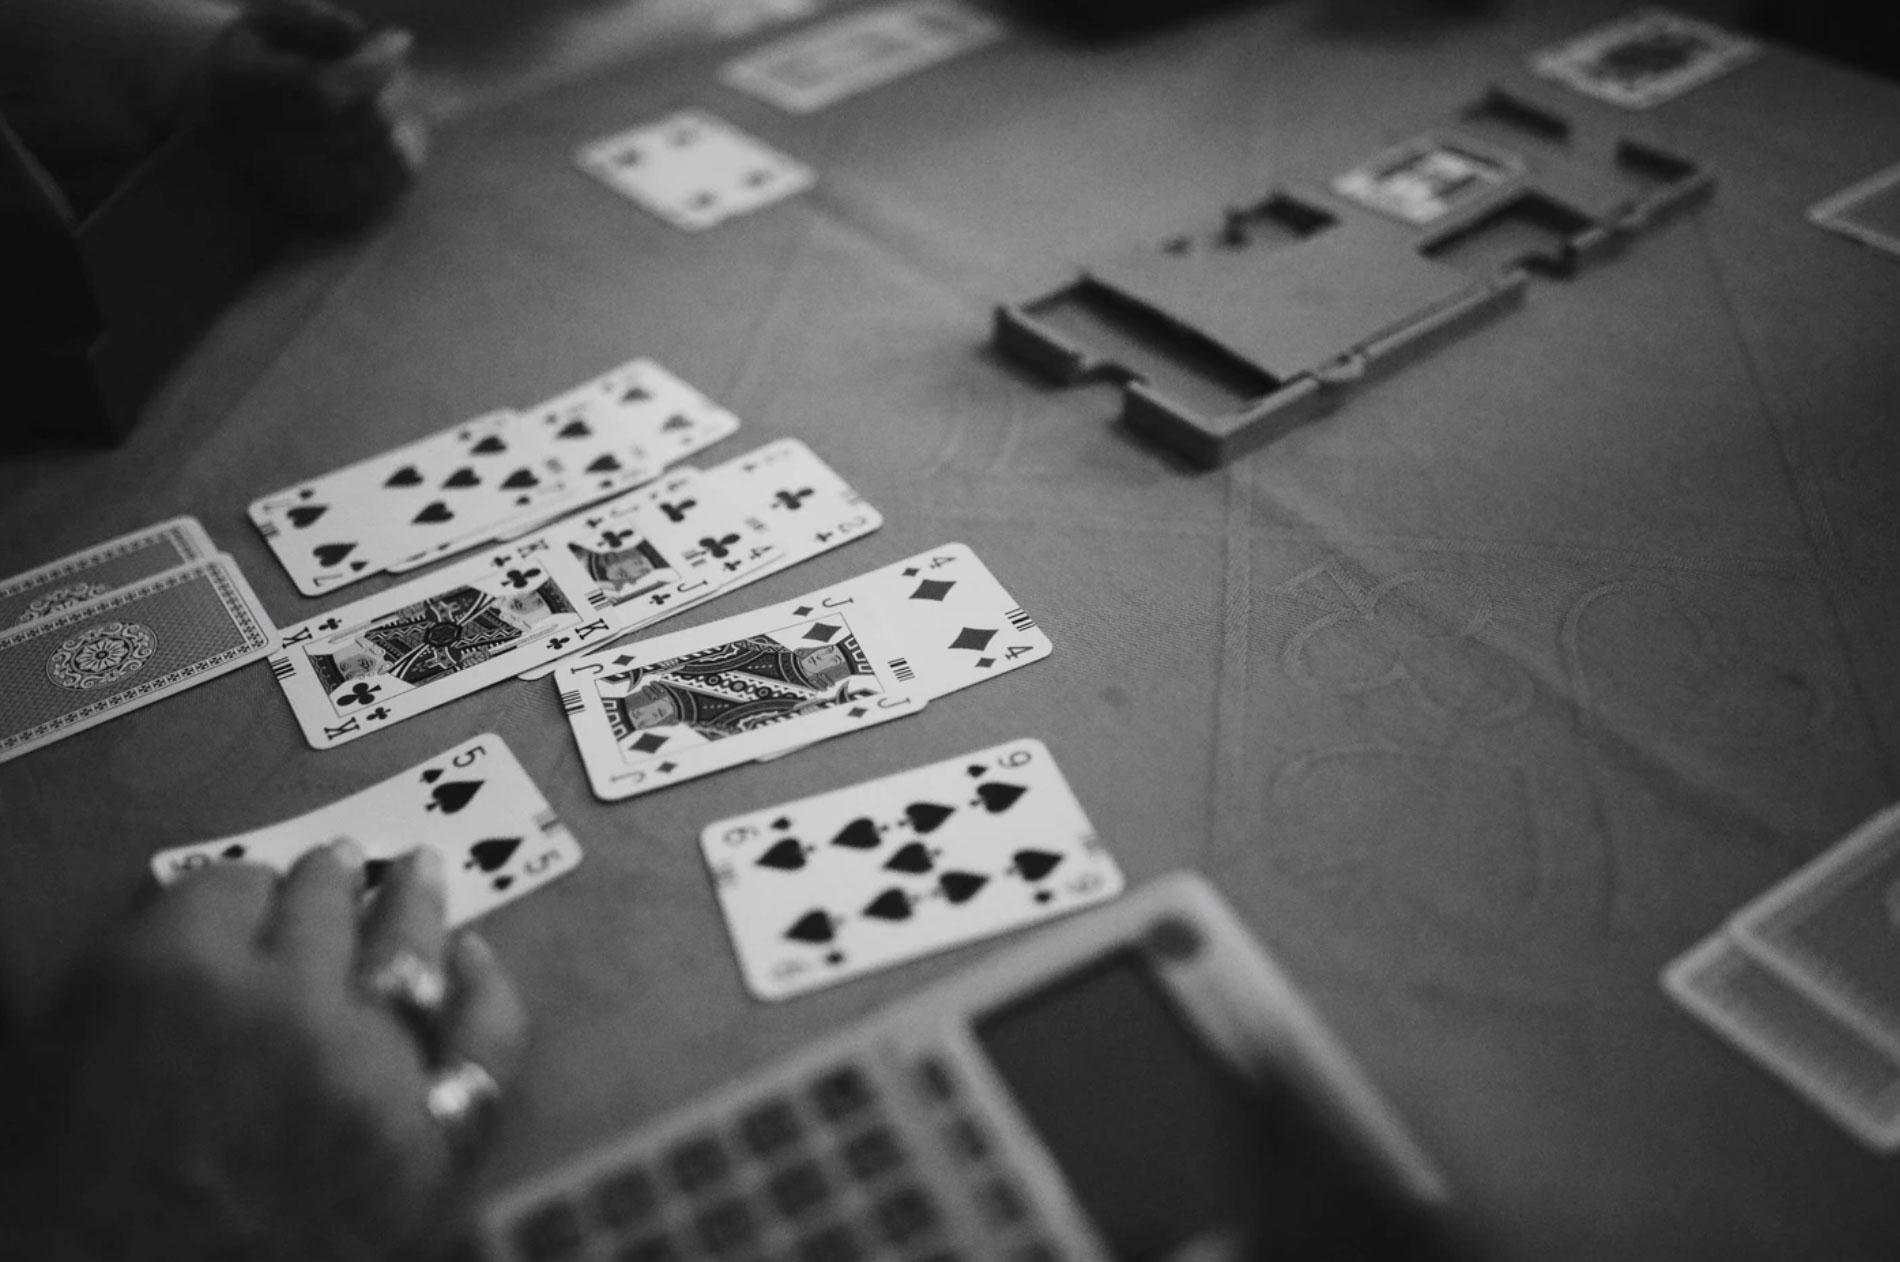 Karten am Tisch